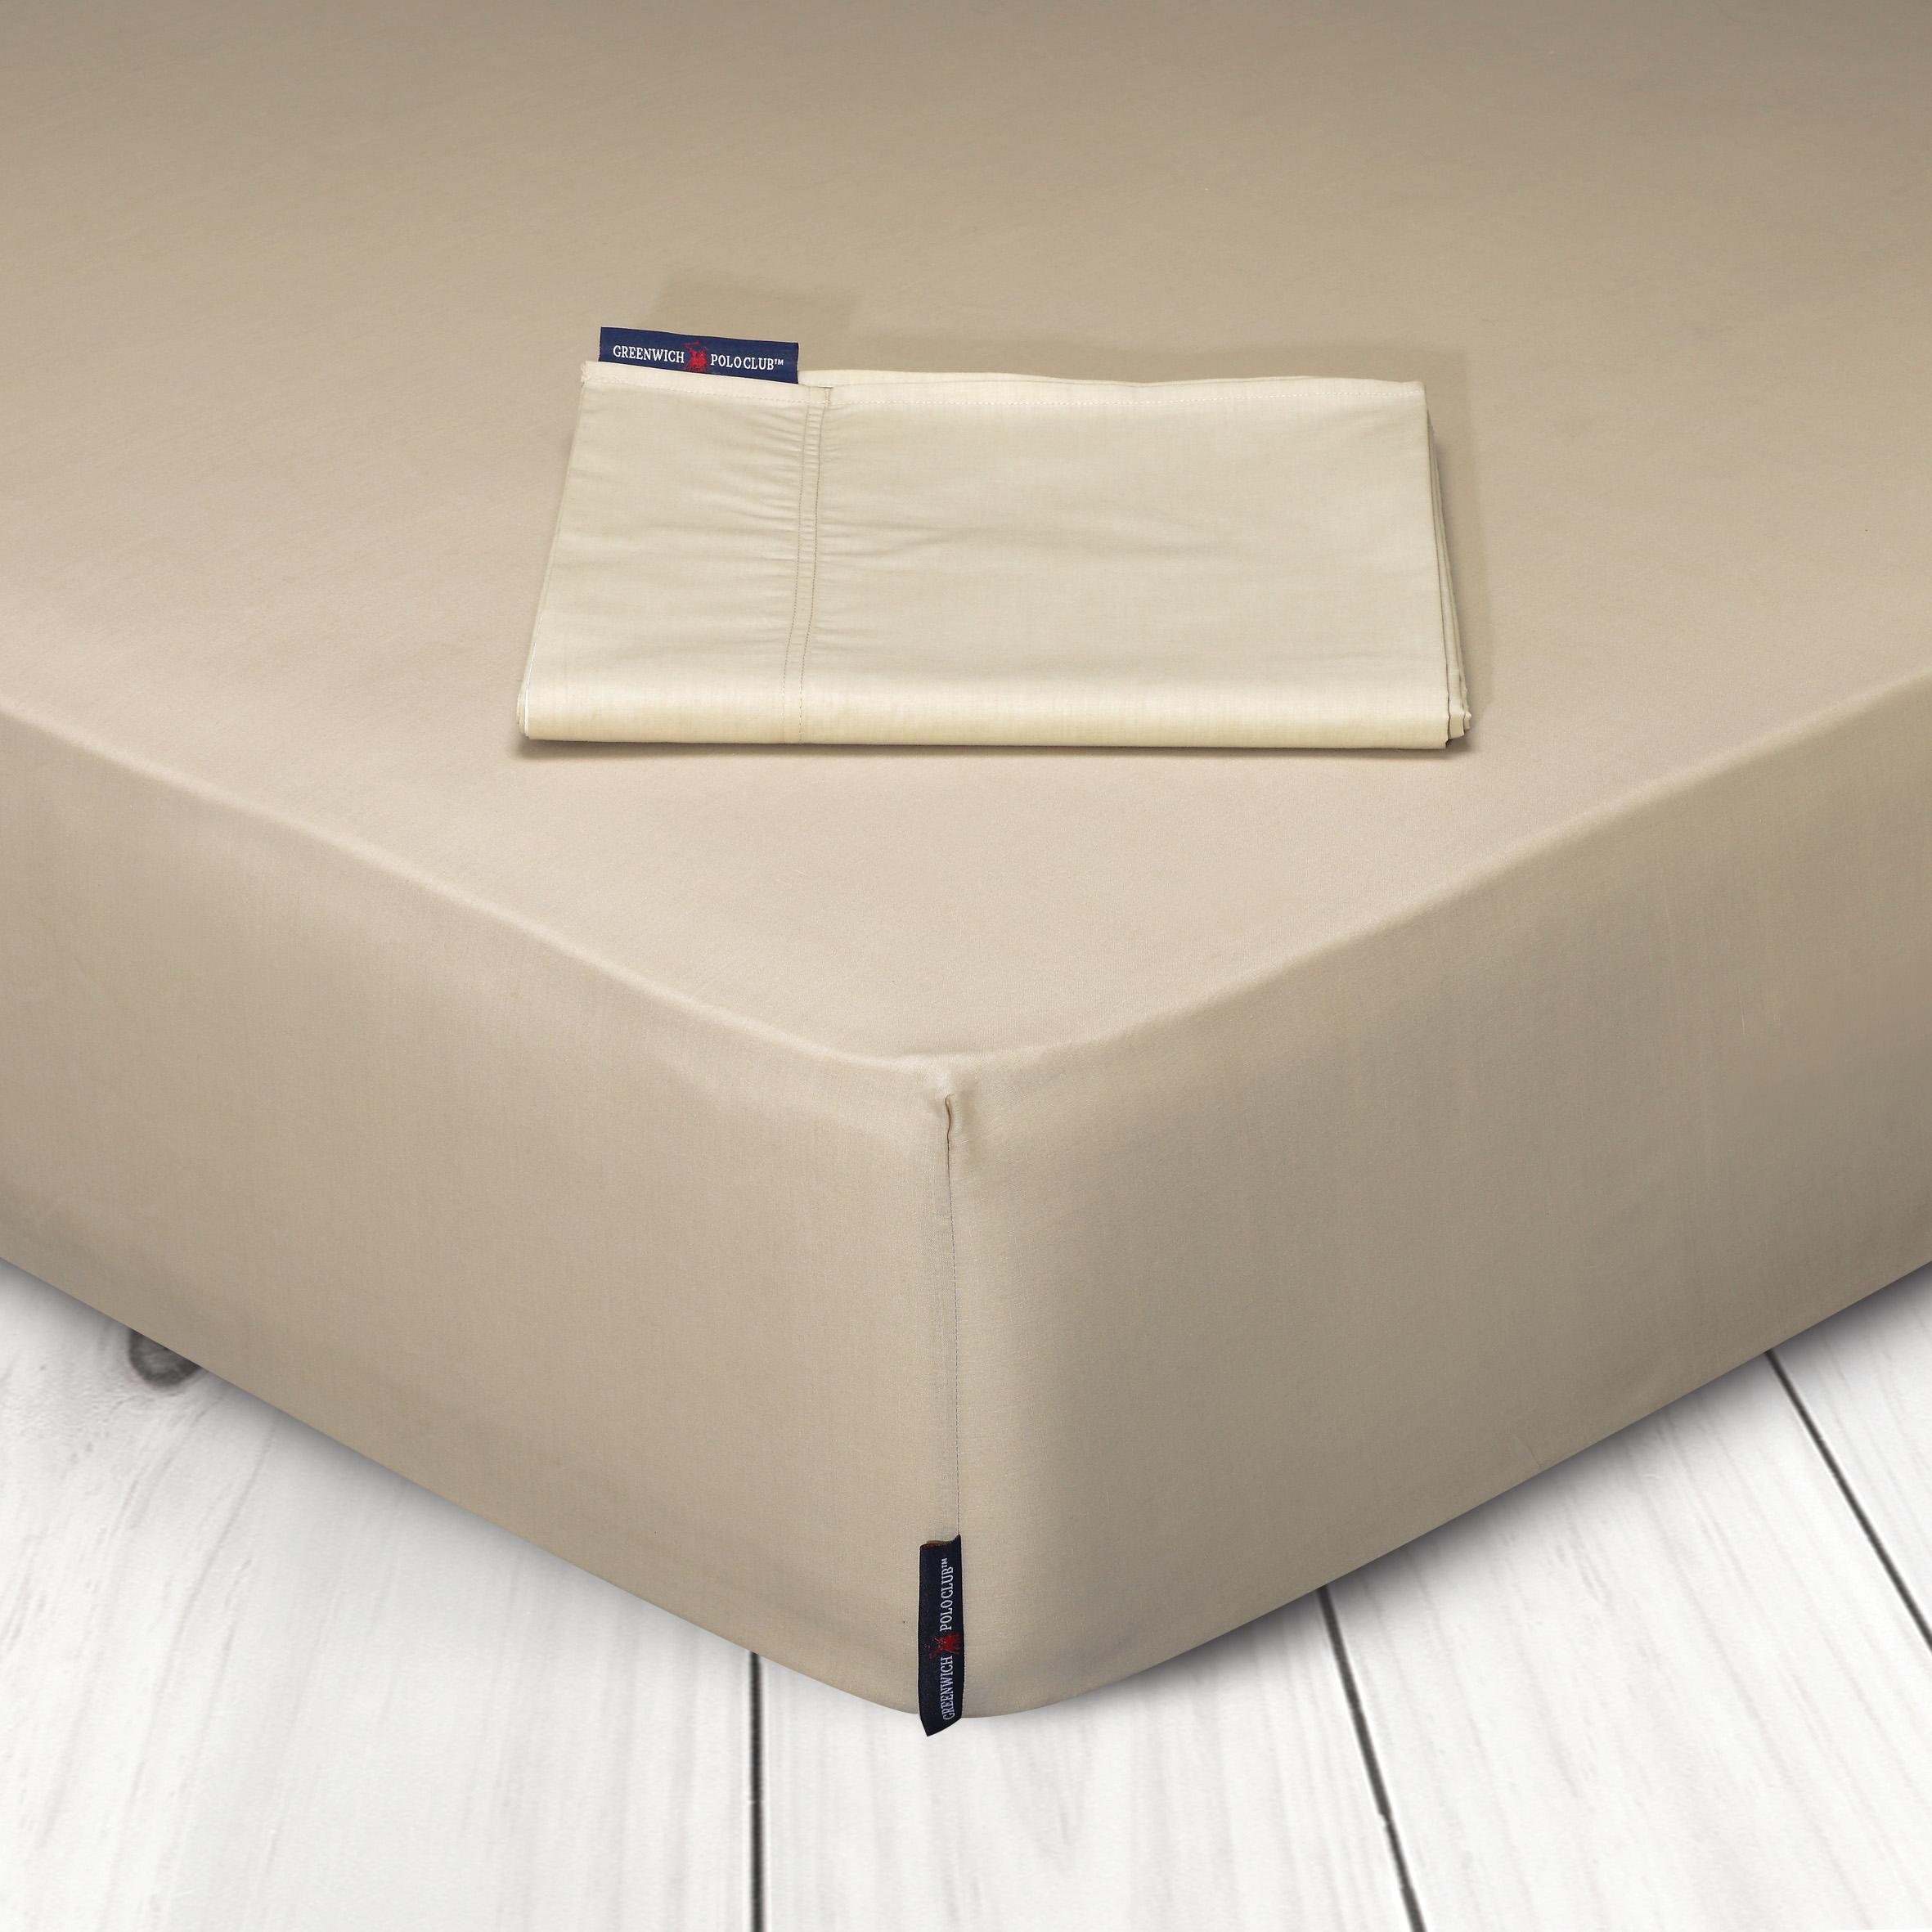 Σεντόνι Μεμονωμένο King Size 180×200+35 Greenwich Polo Club Premium 2204 Μπεζ Με Λάστιχο